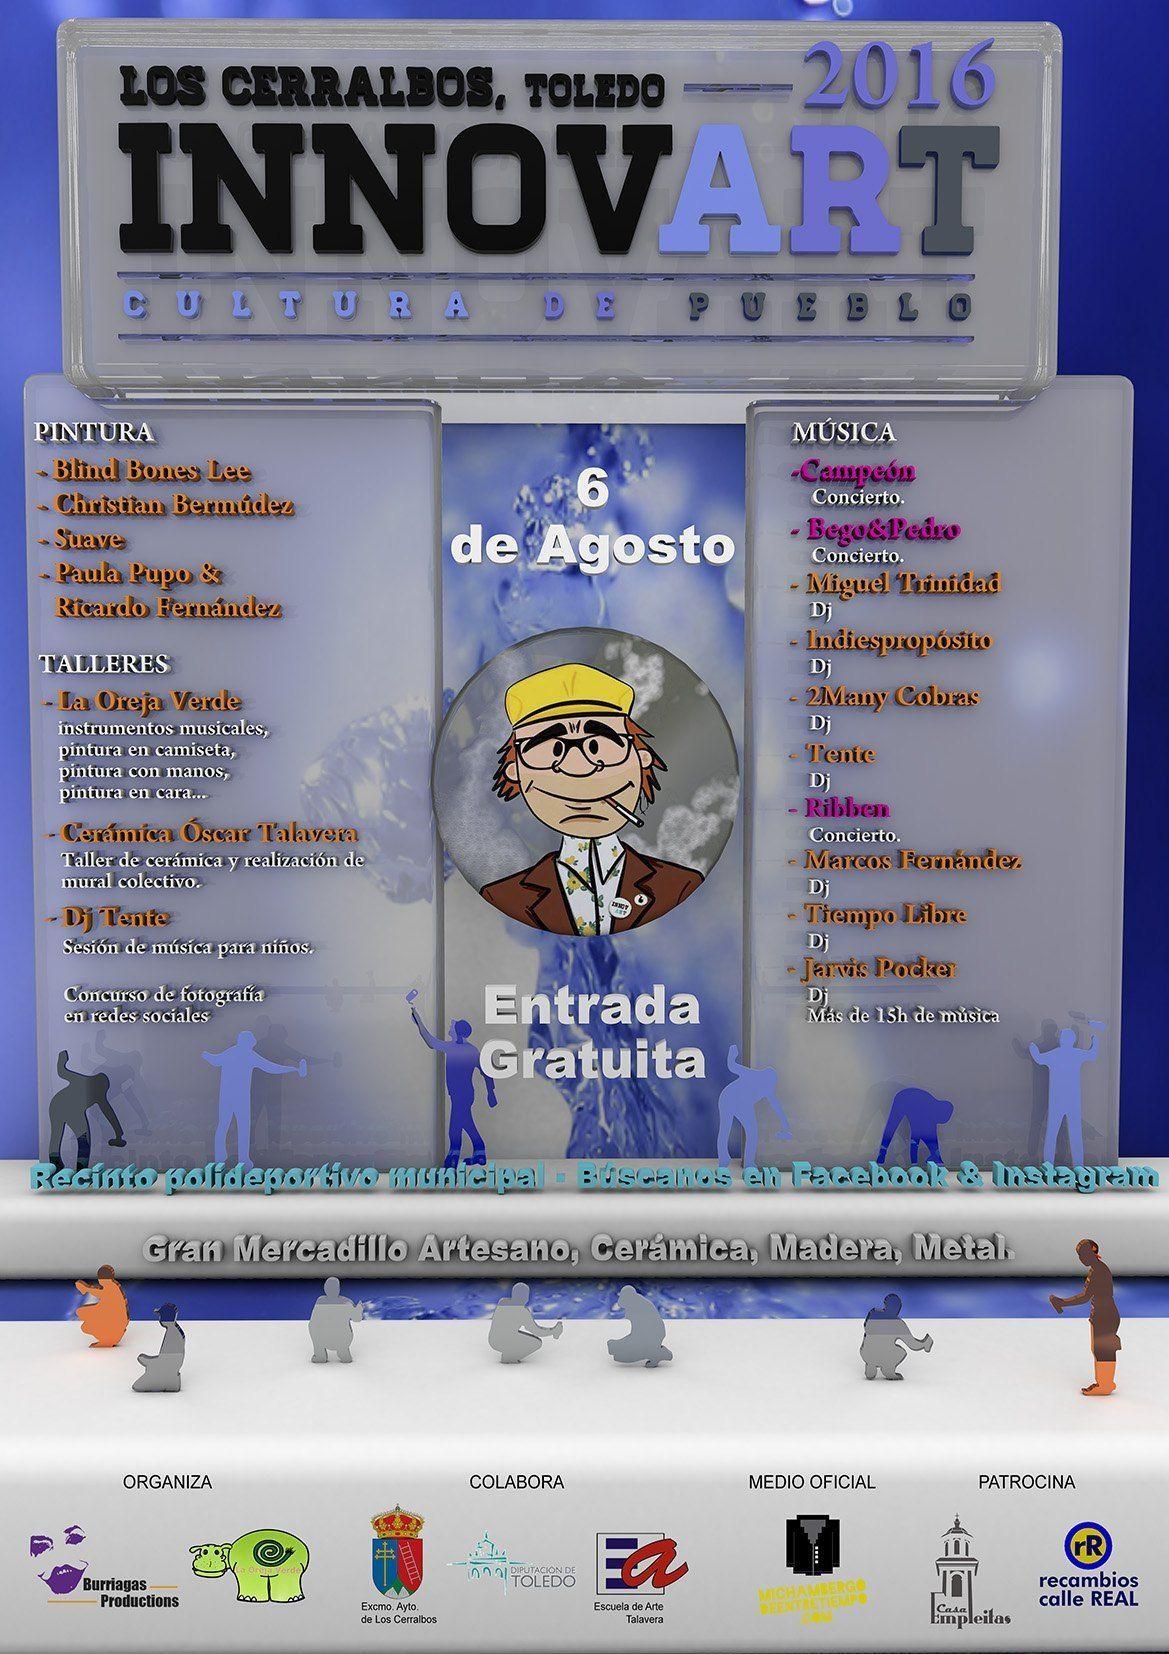 Festival Innovart Los Cerralbos